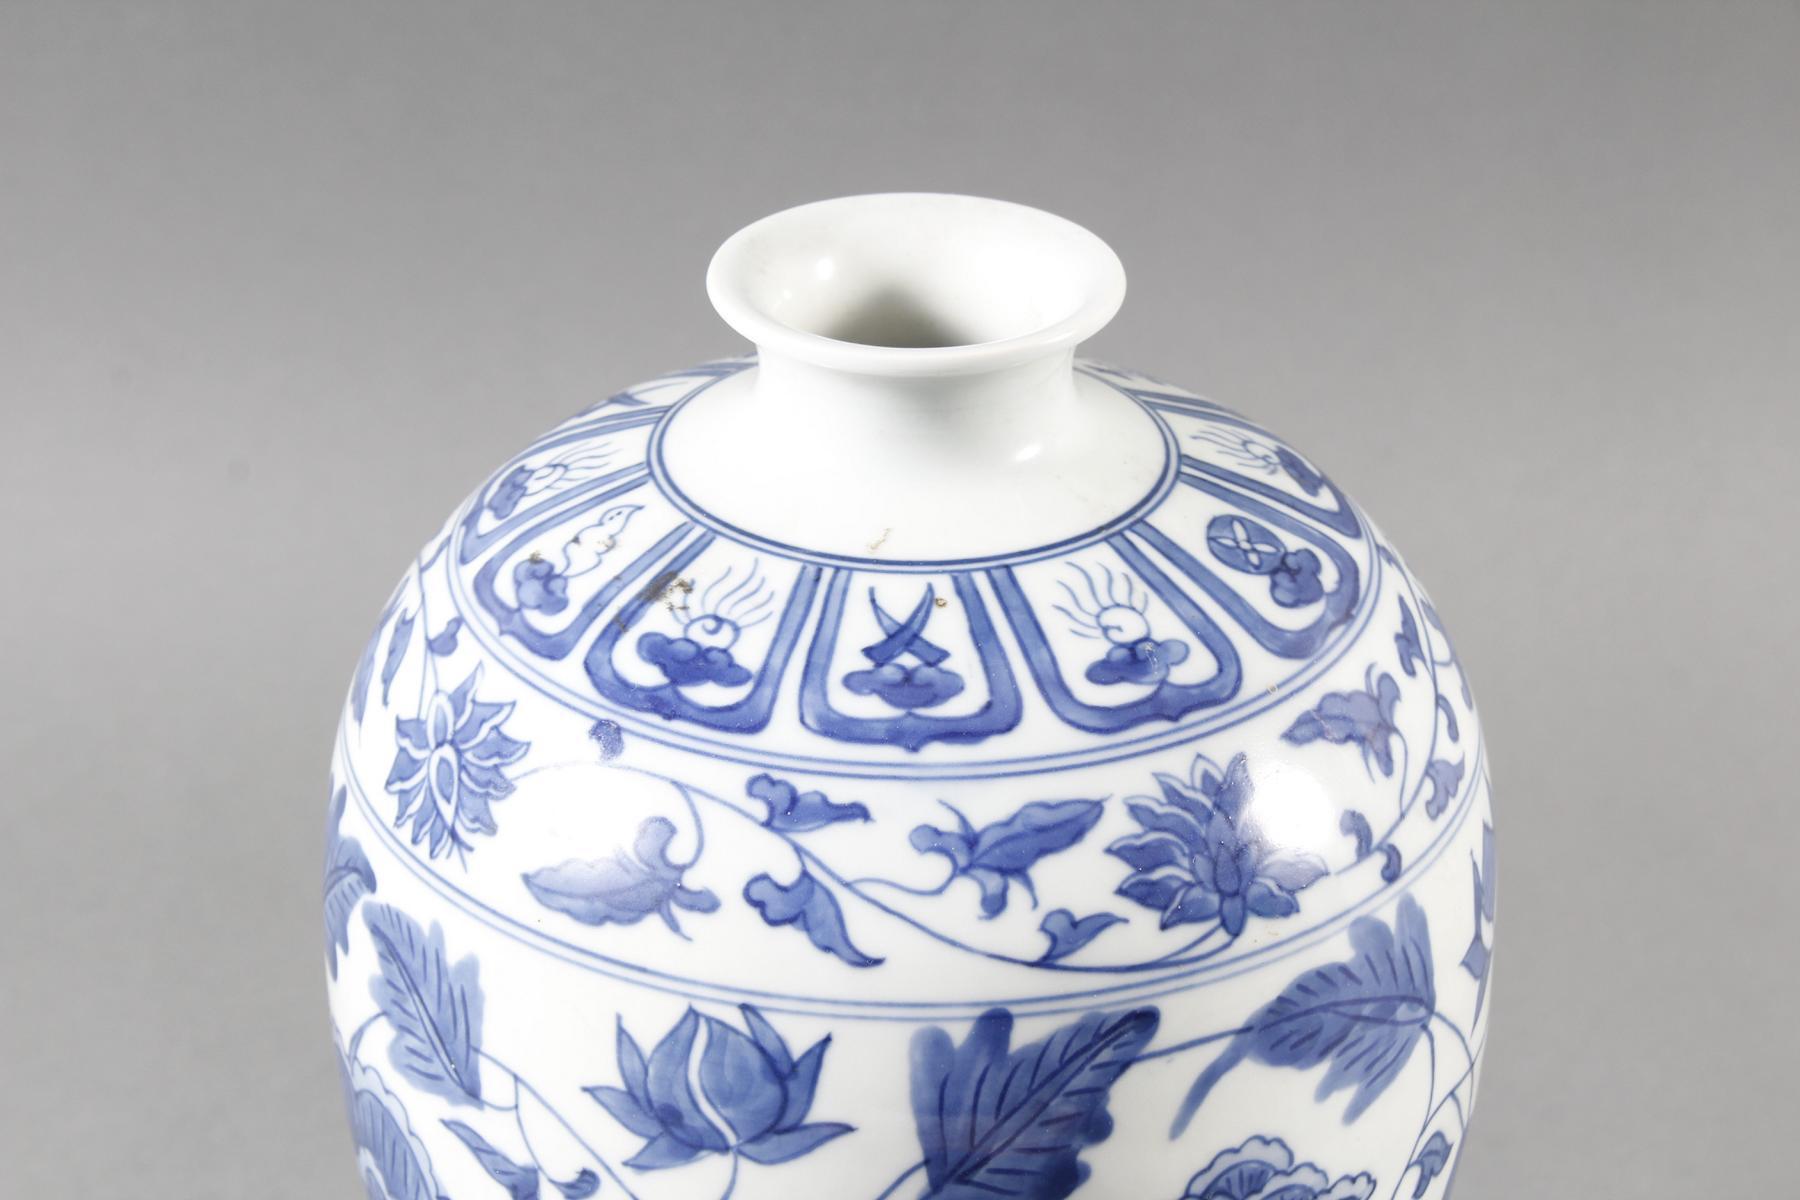 """Blau-Weiß- Porzellan Ziervase """"Meiping"""", China, Thung-chih 1862-1874 gemarkt-5"""